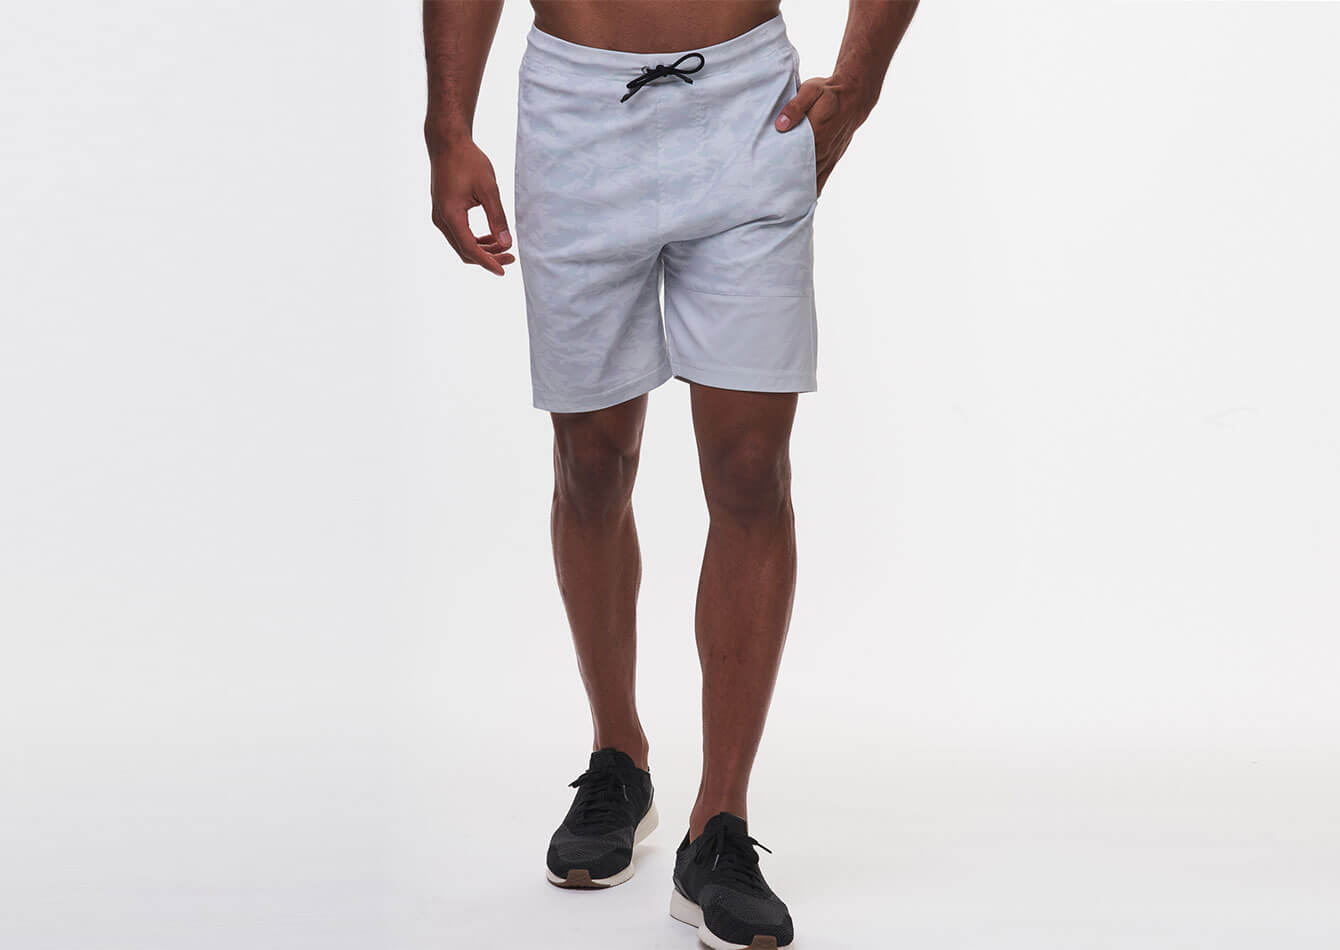 Edge 2-in-1 Short - tasc performance shorts - (White)